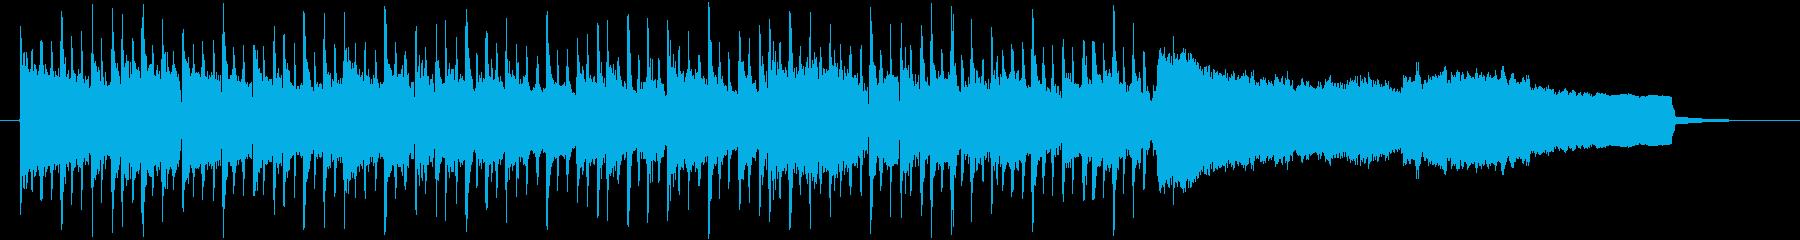 機械的ドラムとベルの音で眠くなる曲の再生済みの波形